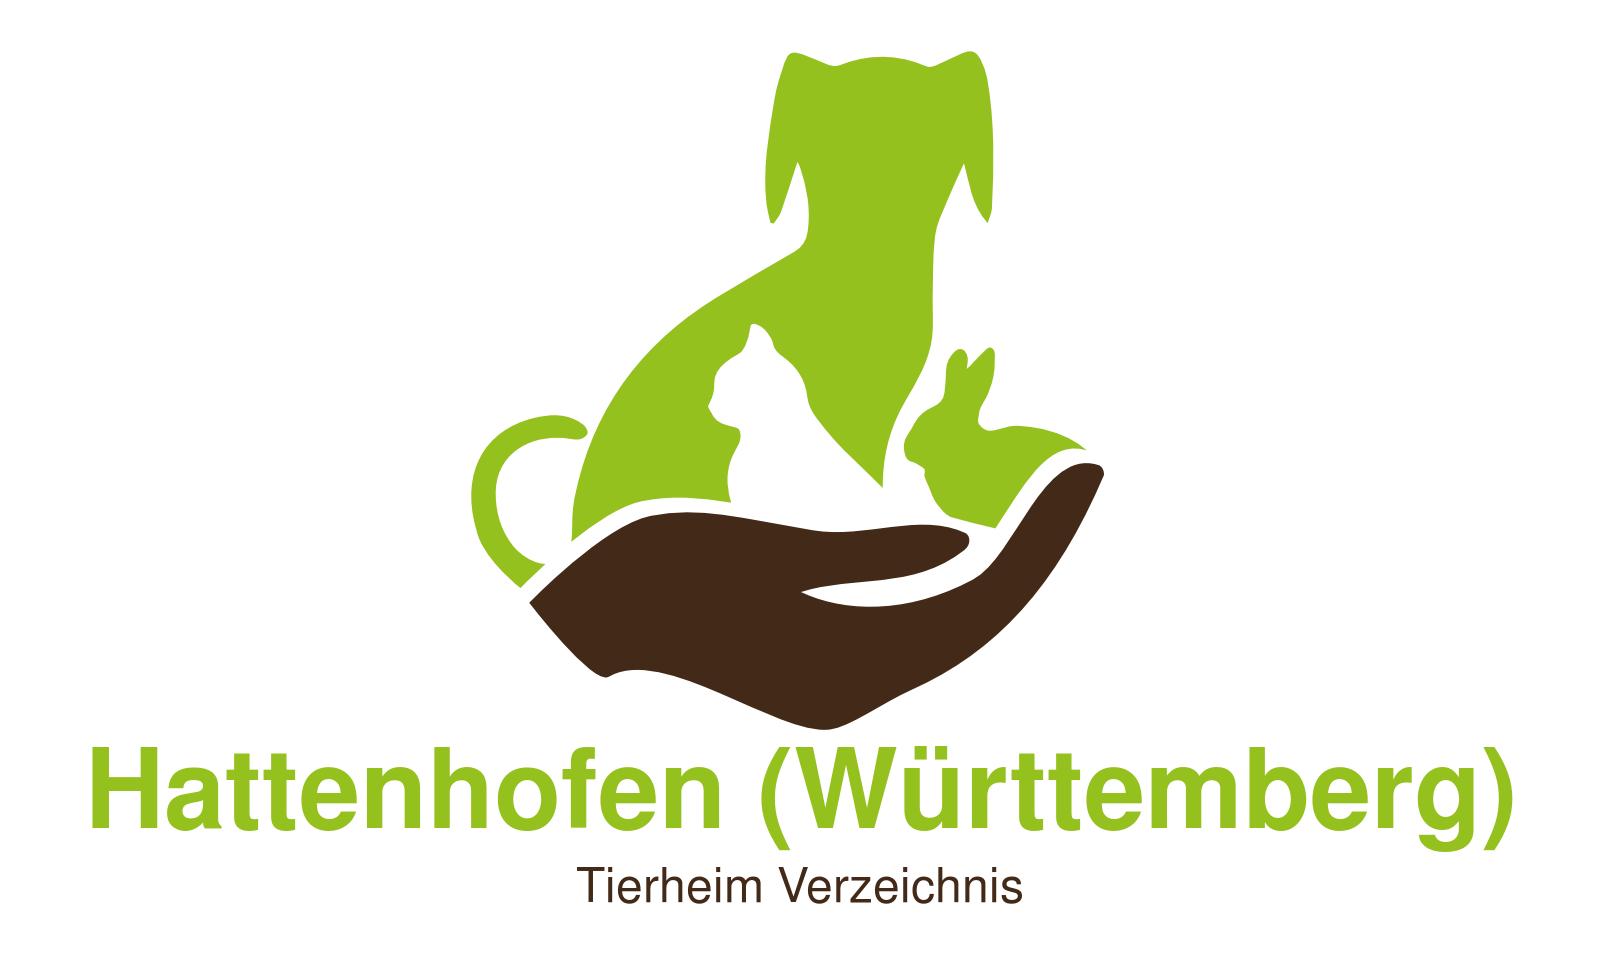 Tierheim Hattenhofen (Württemberg)